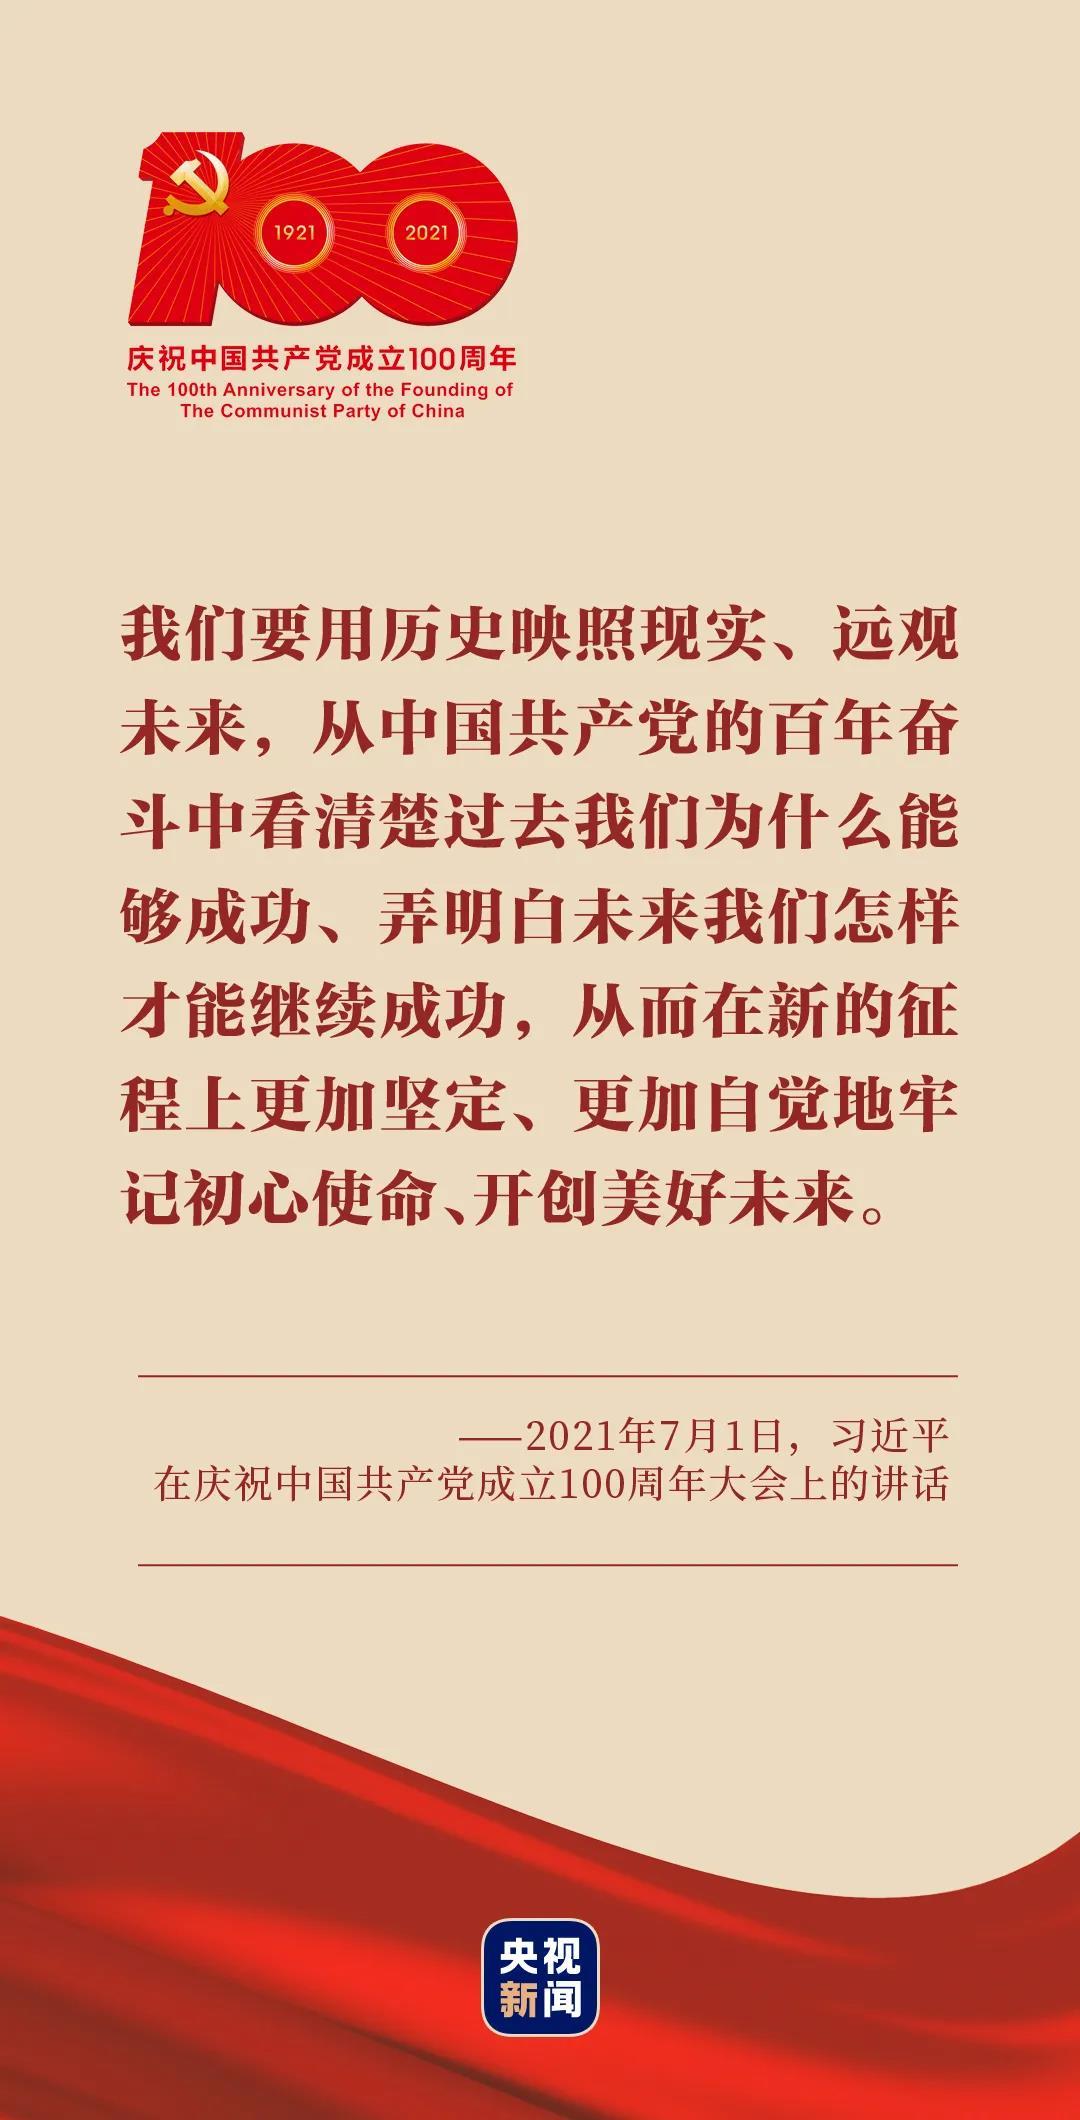 赢咖3平台注册:大党丨百年史诗 精神为源(图7)